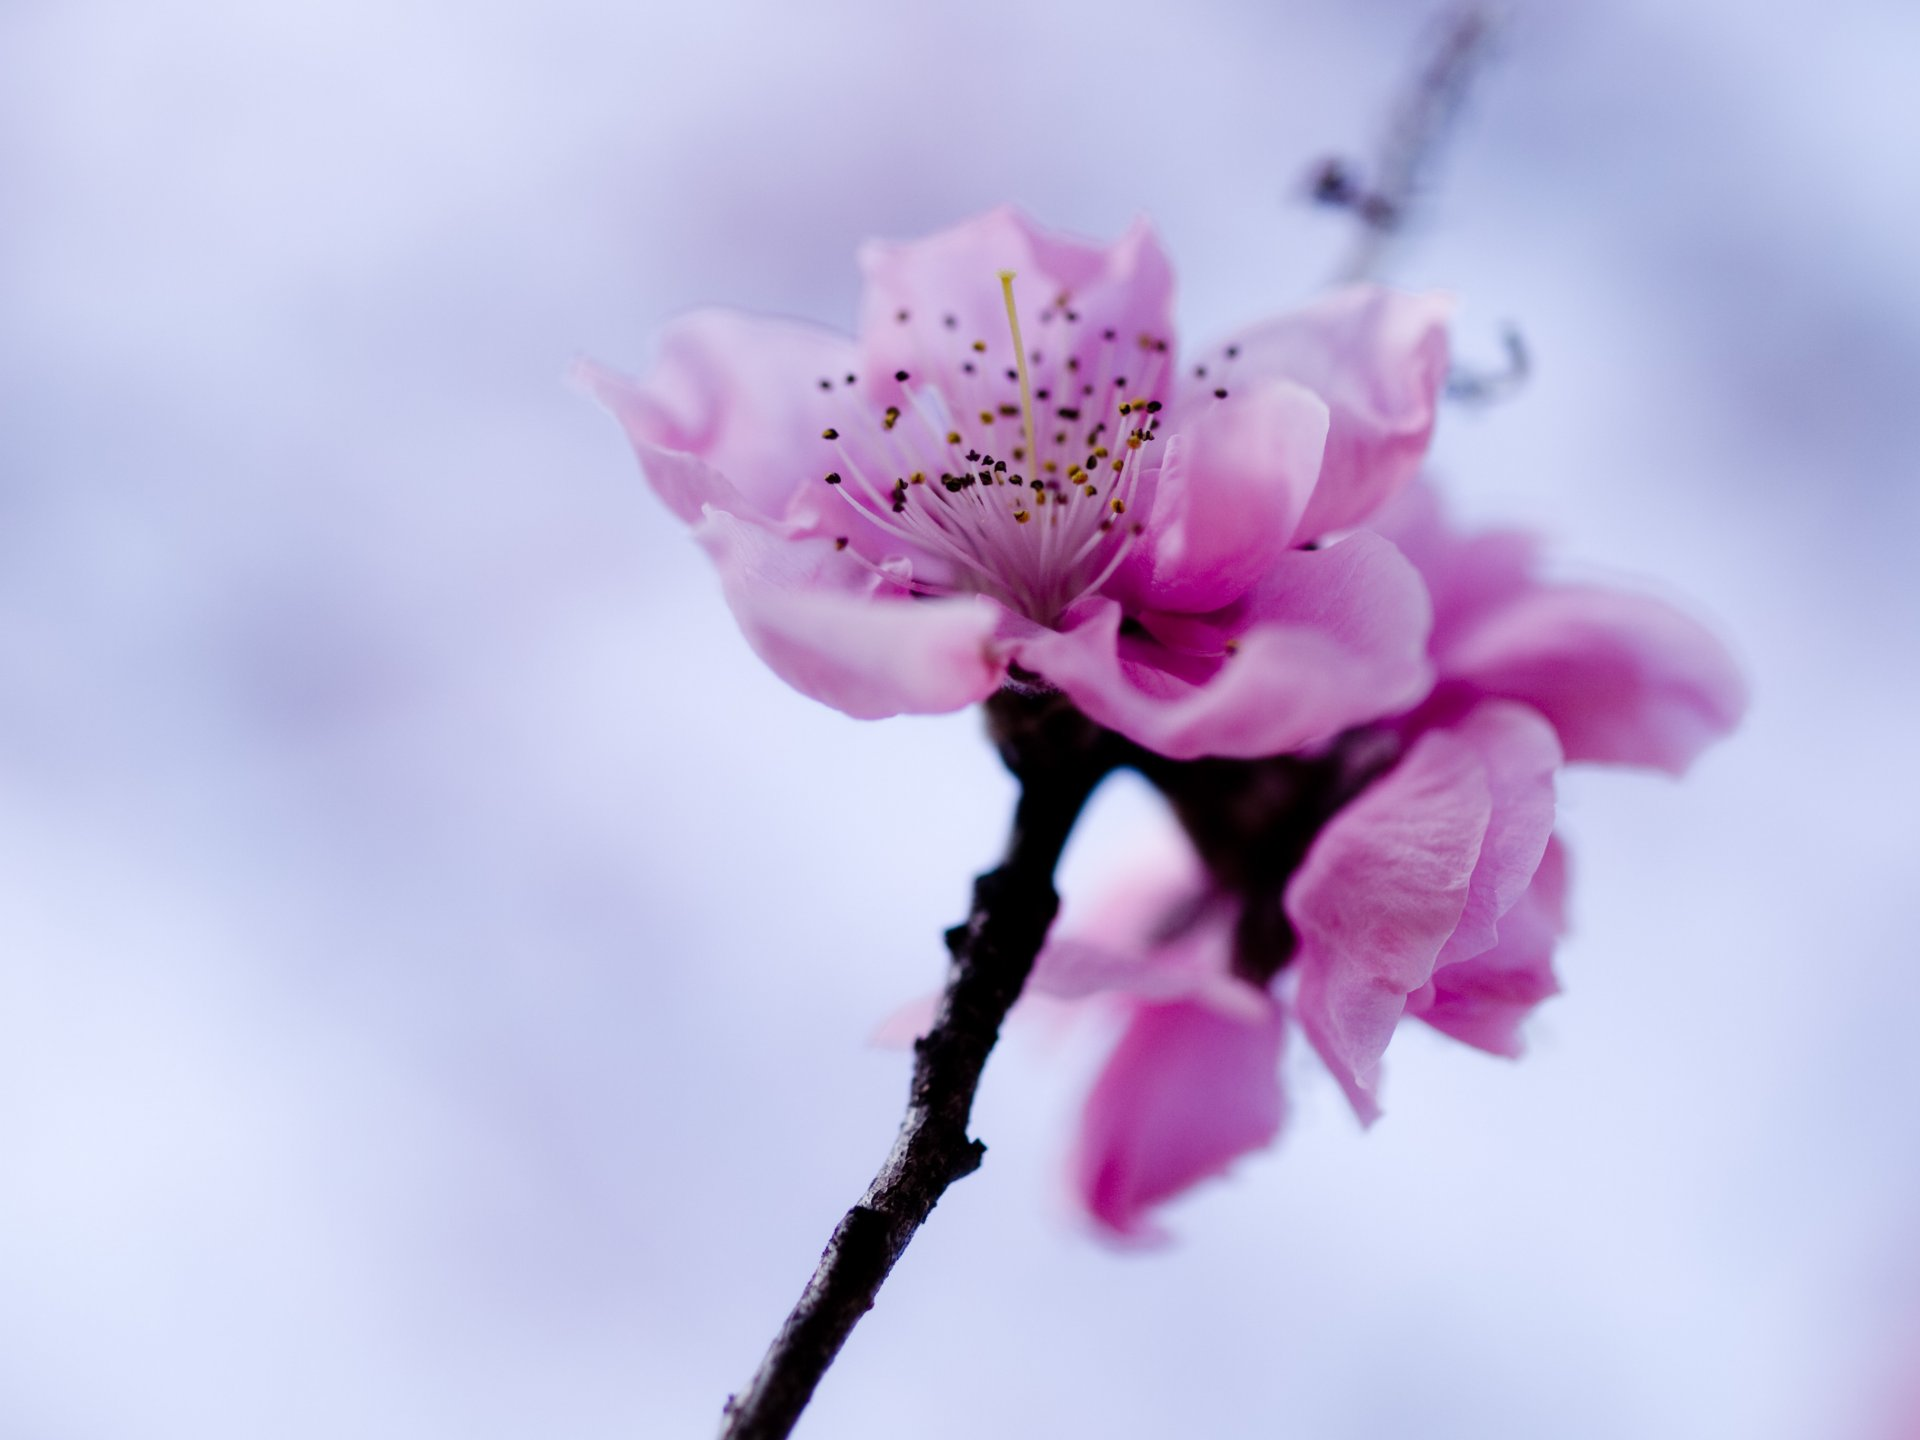 Цветение сакуры фото высокого разрешения - King Sport 62